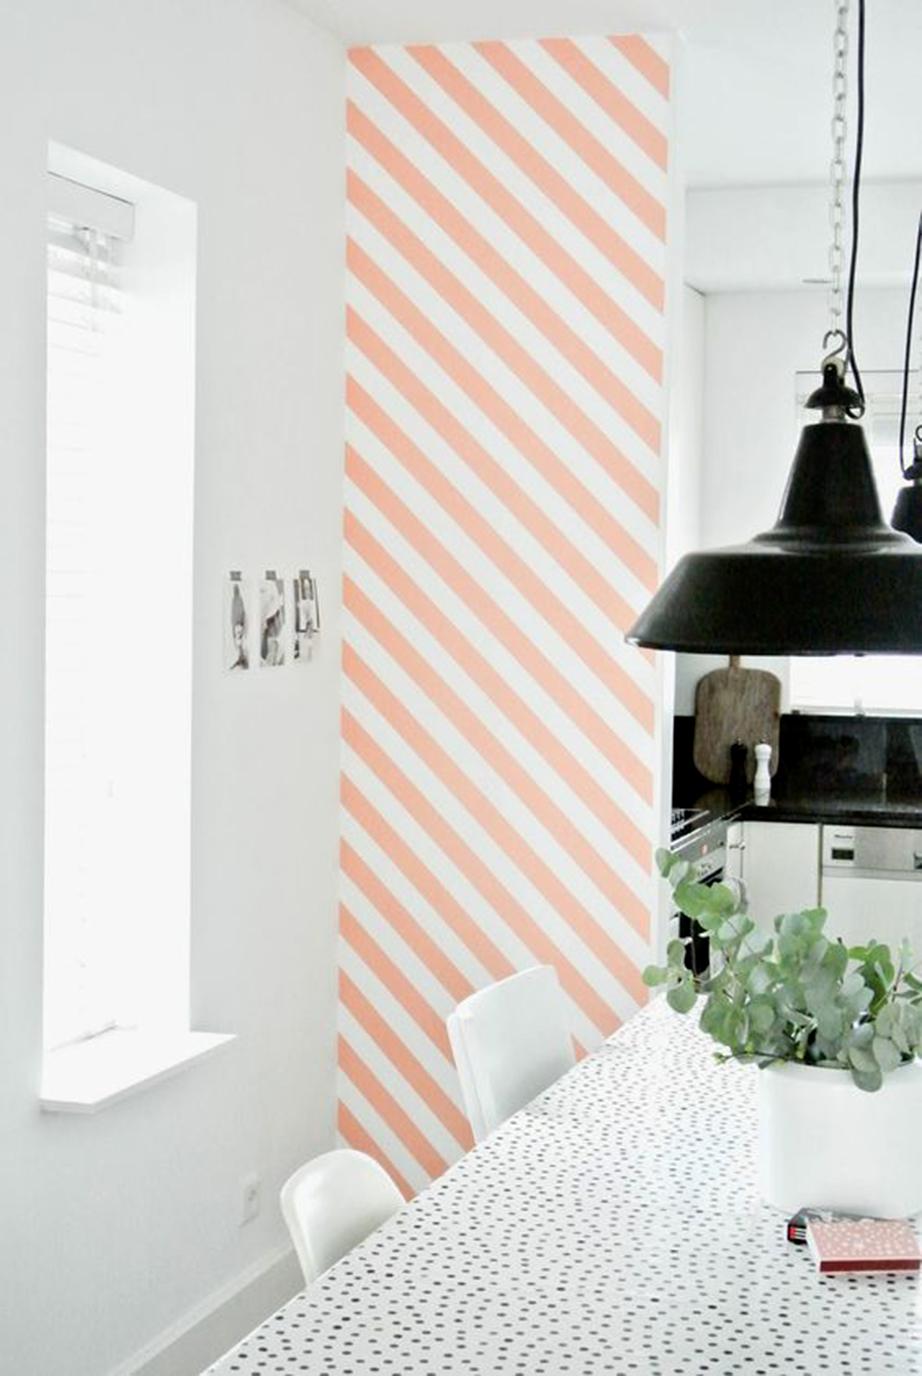 Δημιουργήστε διαγώνιες παράλληλες γραμμές σε μια επιφάνεια του τοίχου της κουζίνας σας.